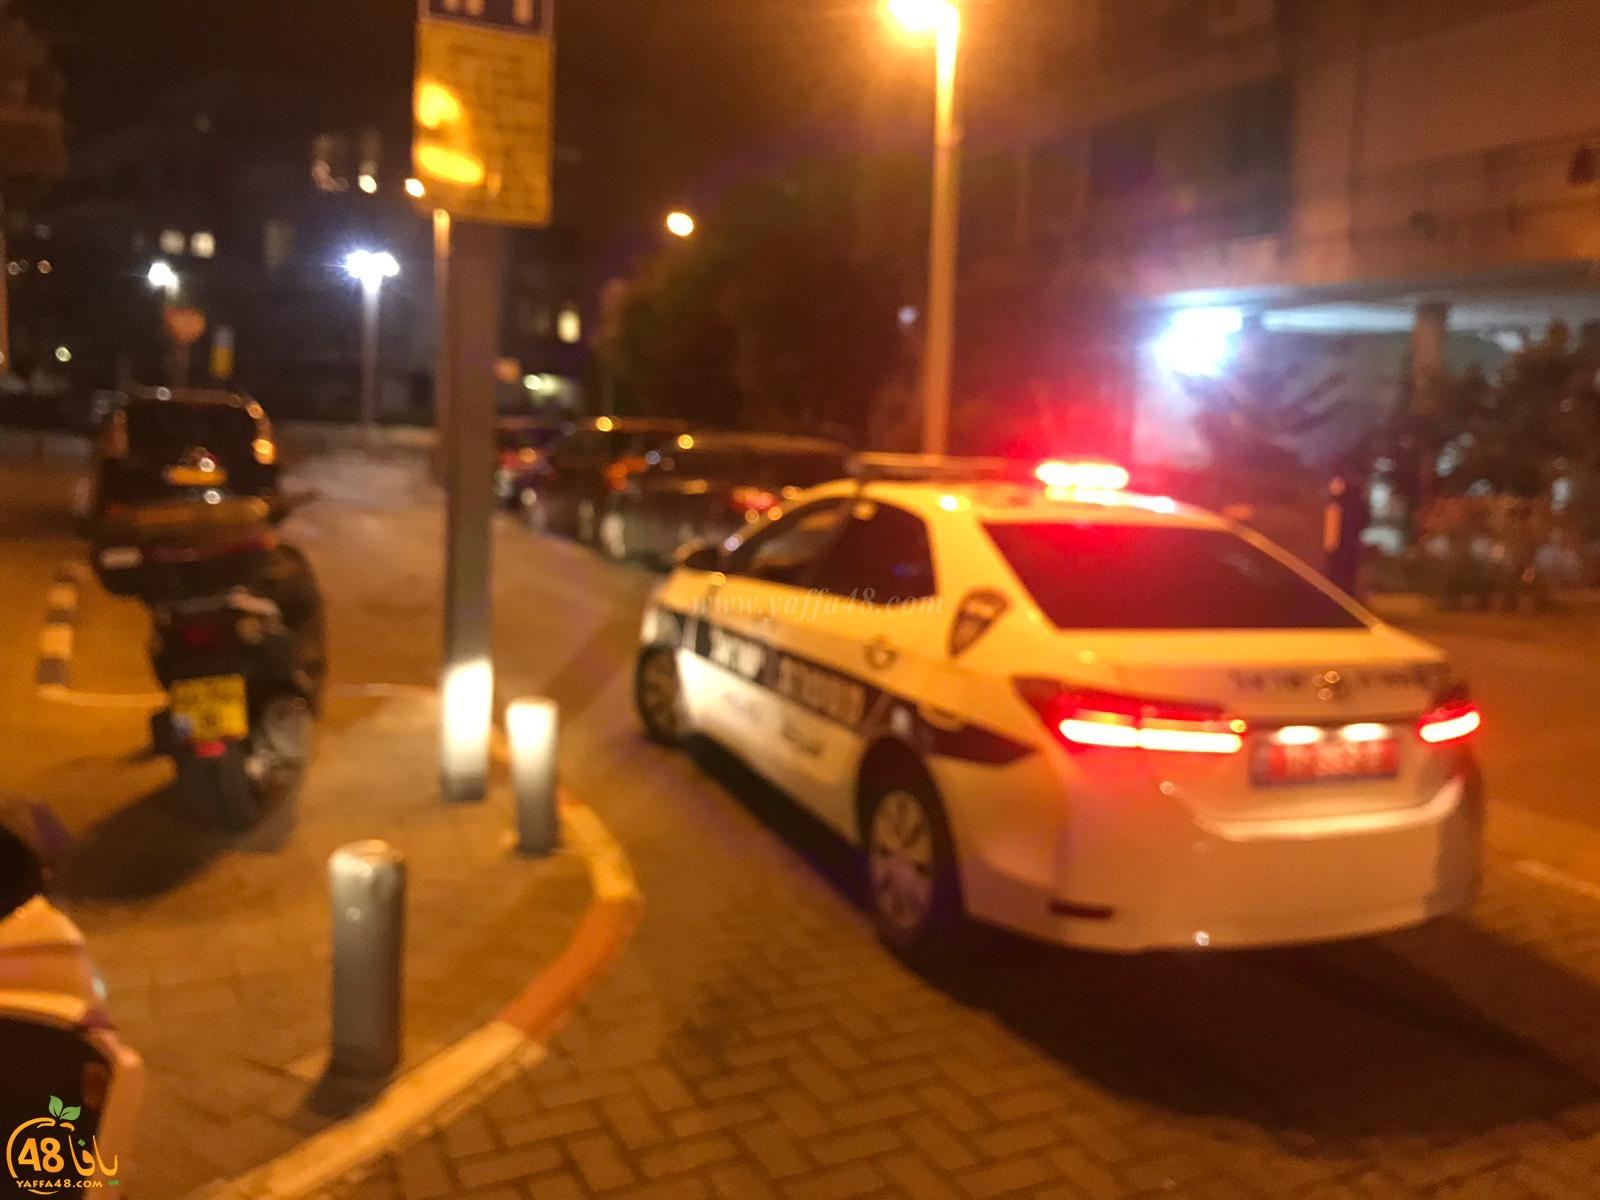 يافا: الشرطة تُغلق شارع شيفتي يسرائيل بعد العثور على جسم مشبوه